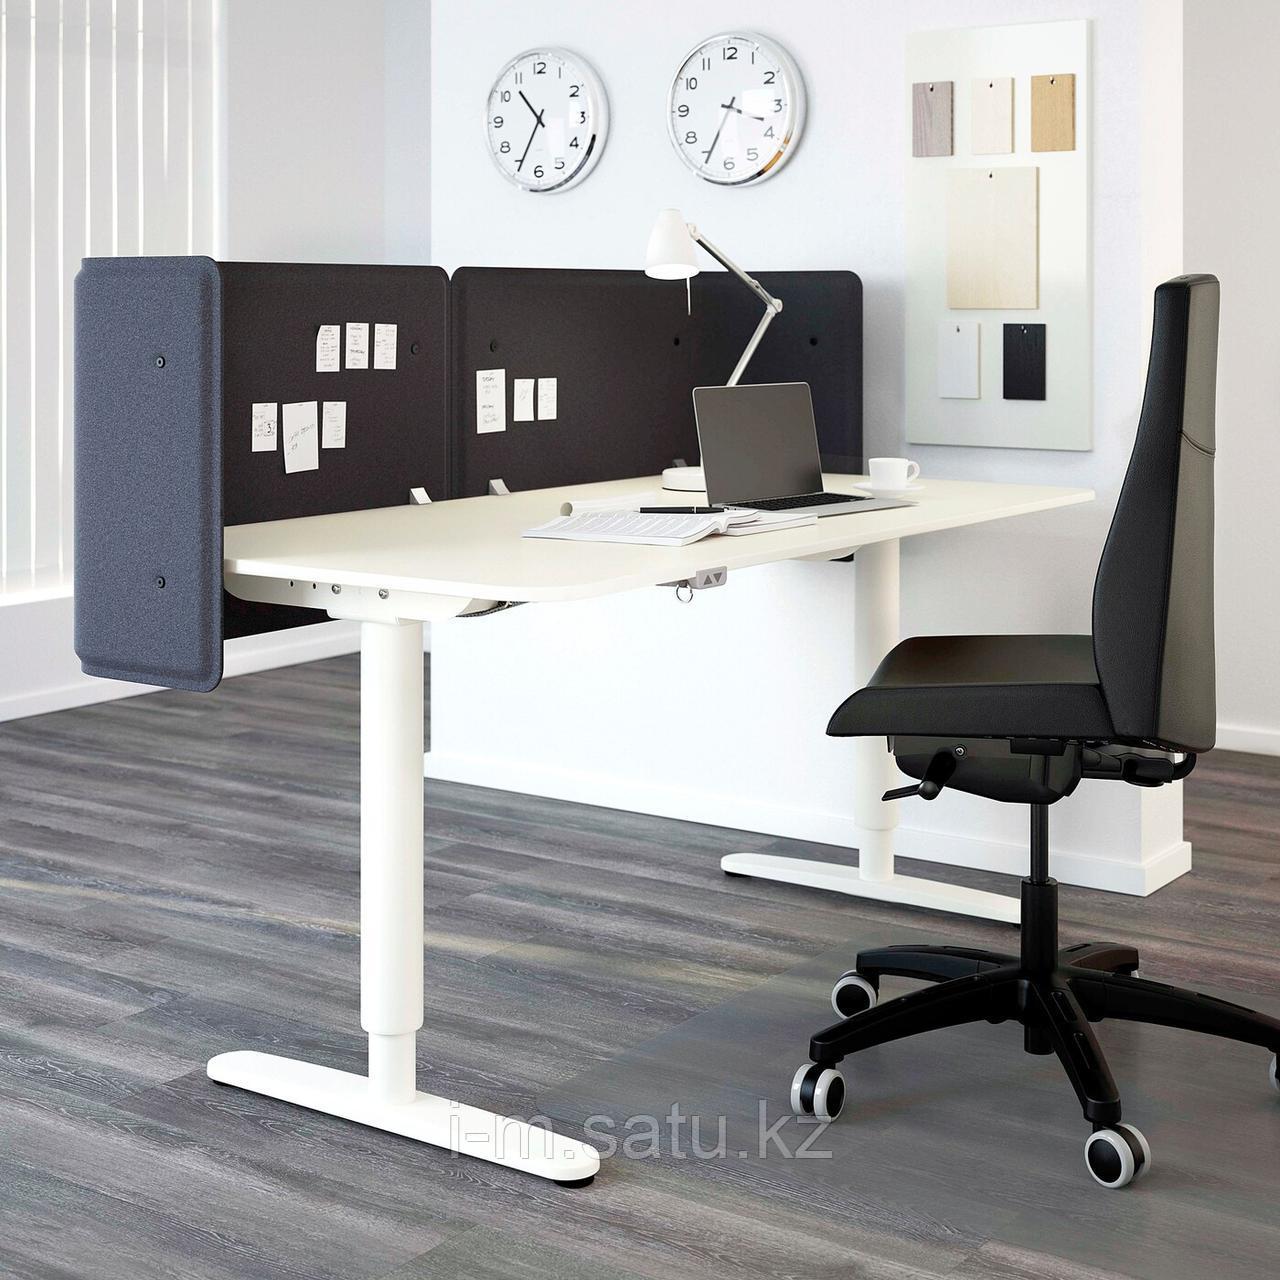 БЕКАНТ Стол-трансформер для приемной, белый, белый 160x80 55 см